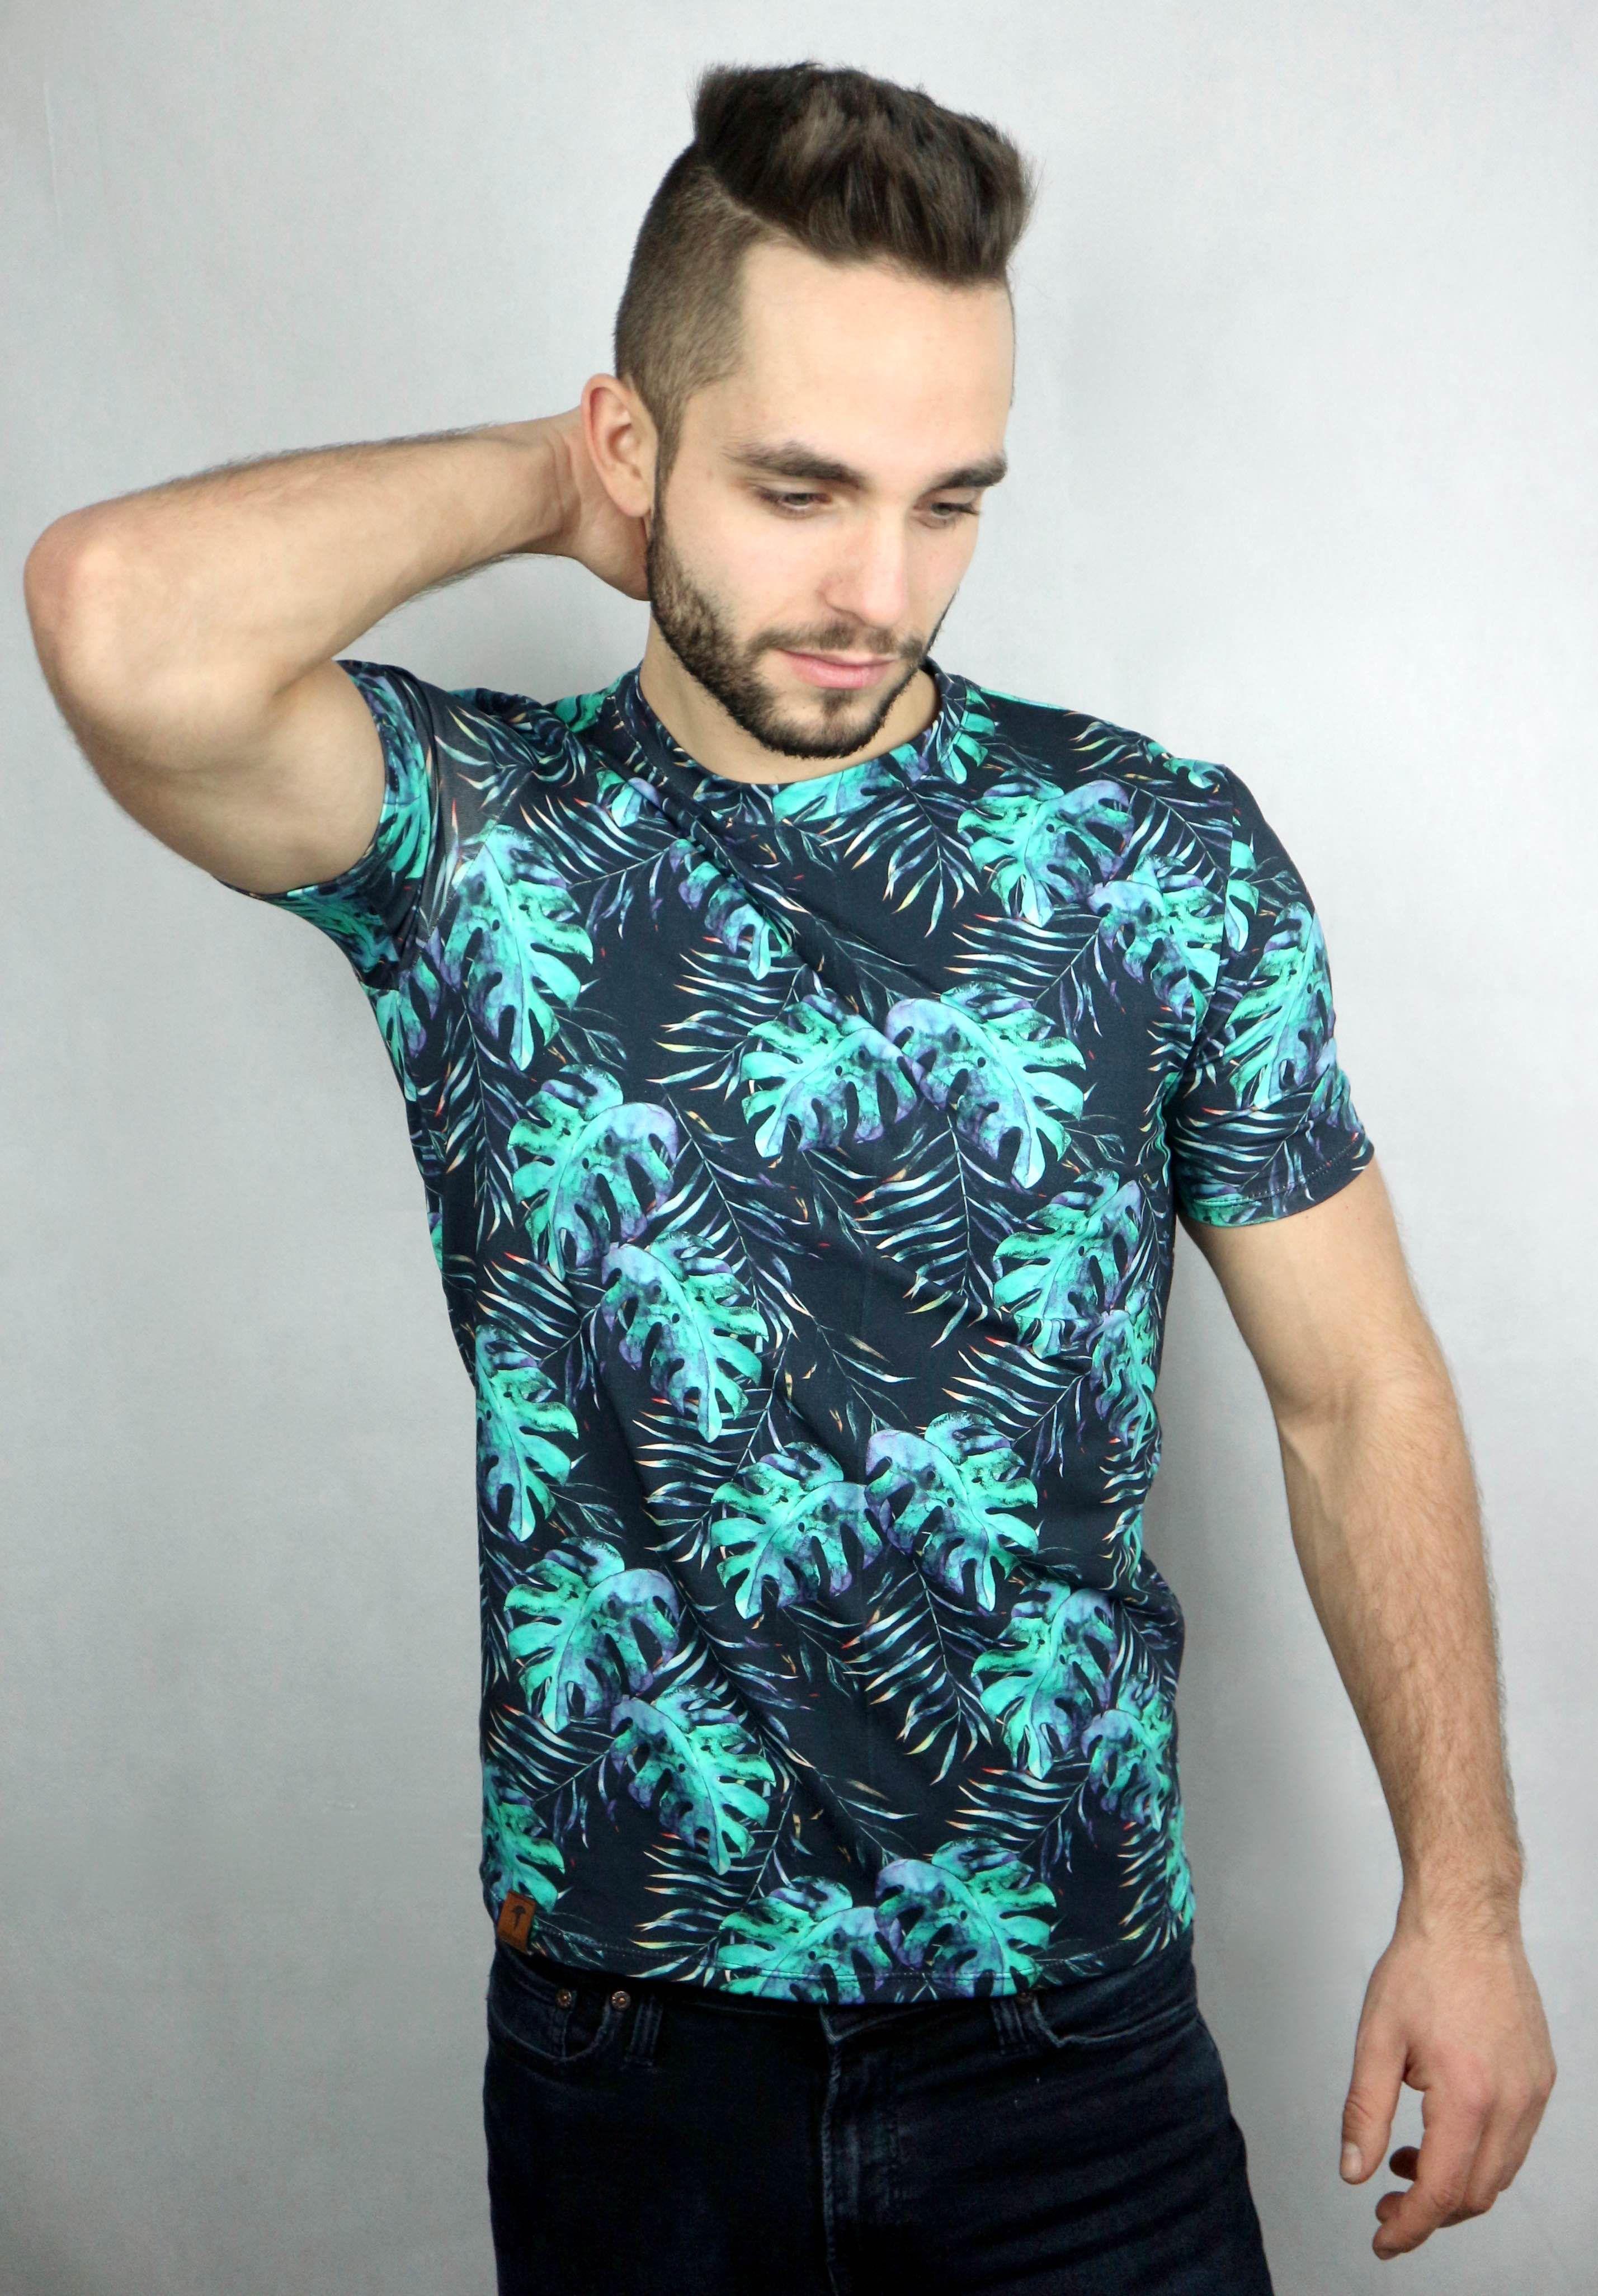 newest bd5d9 6f0f7 Männershirts, Männermode onlineshop, stylische Shirts, made ...